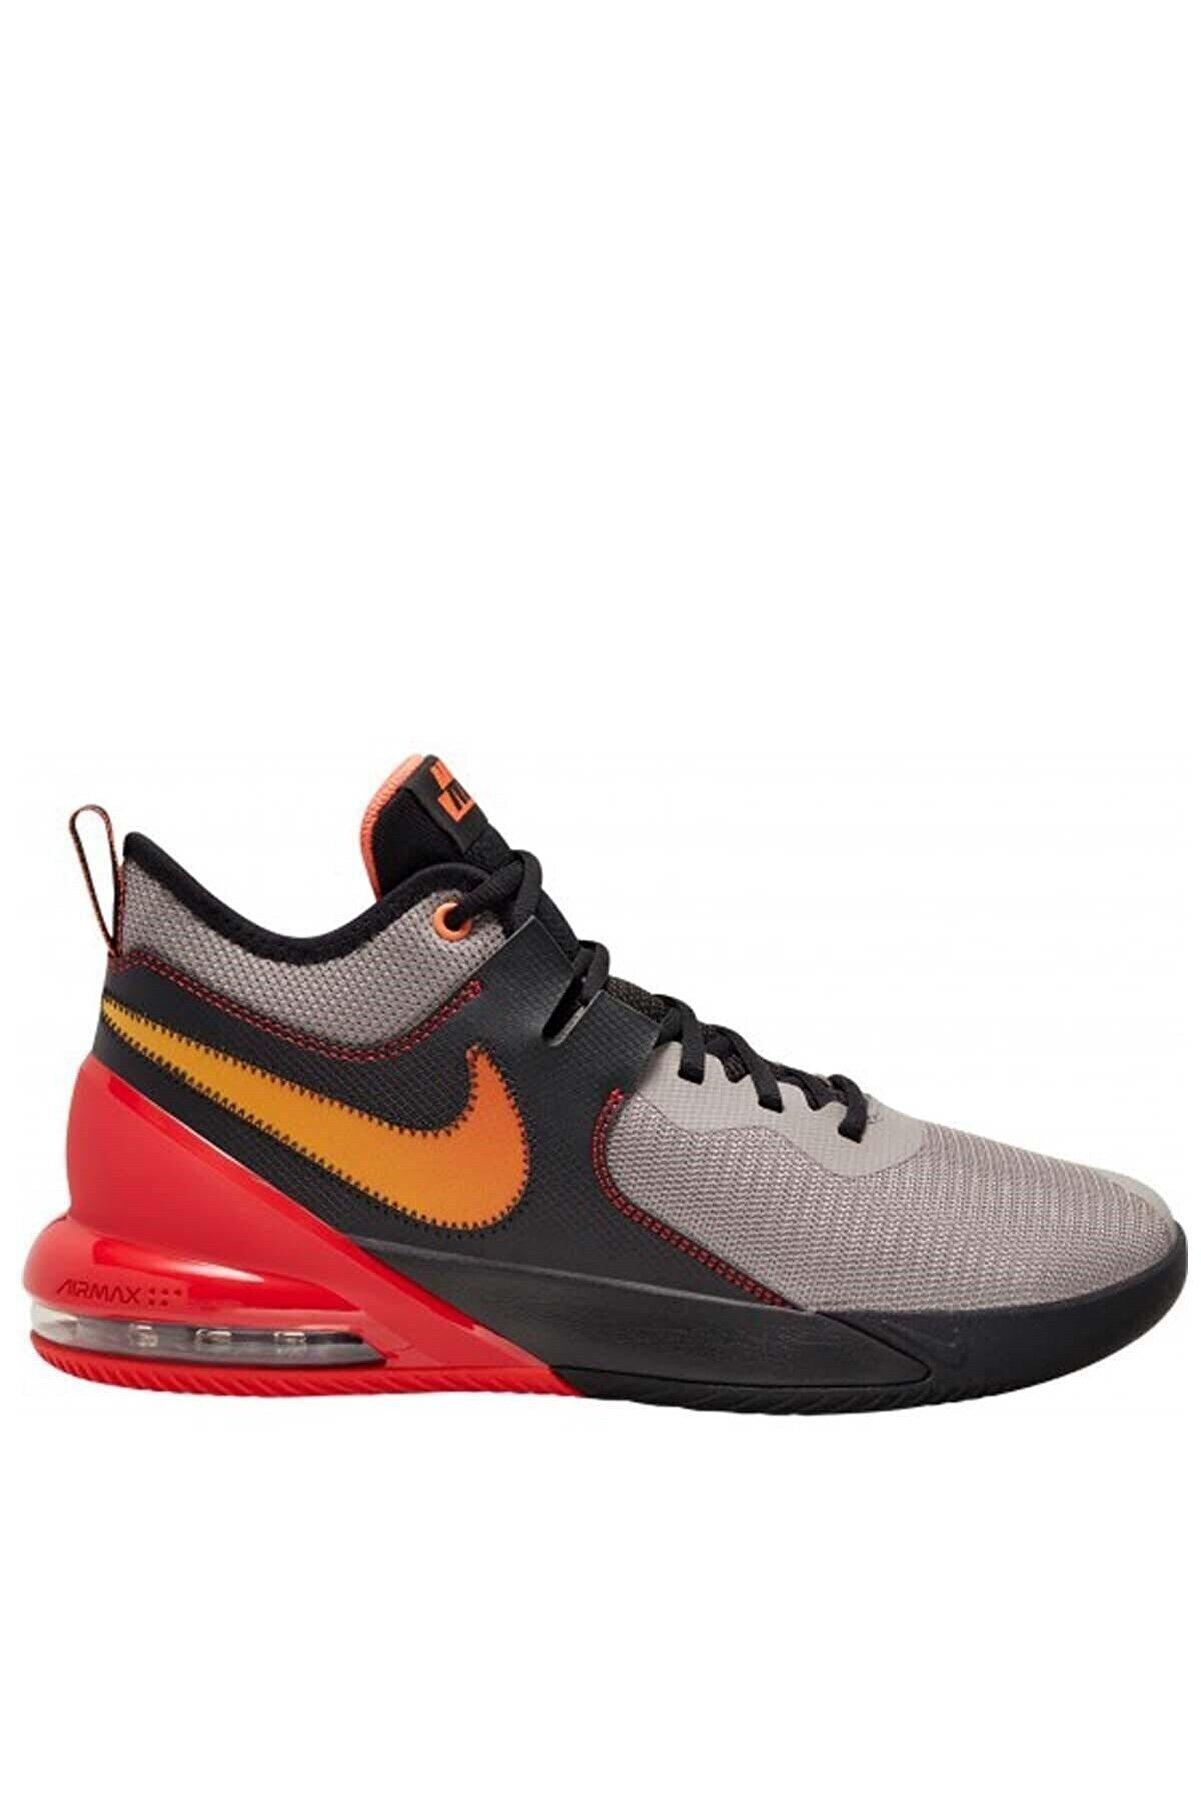 Nike Aır Max Impact Erkek Basketbol Ayakkabı Cı1396-007-gri